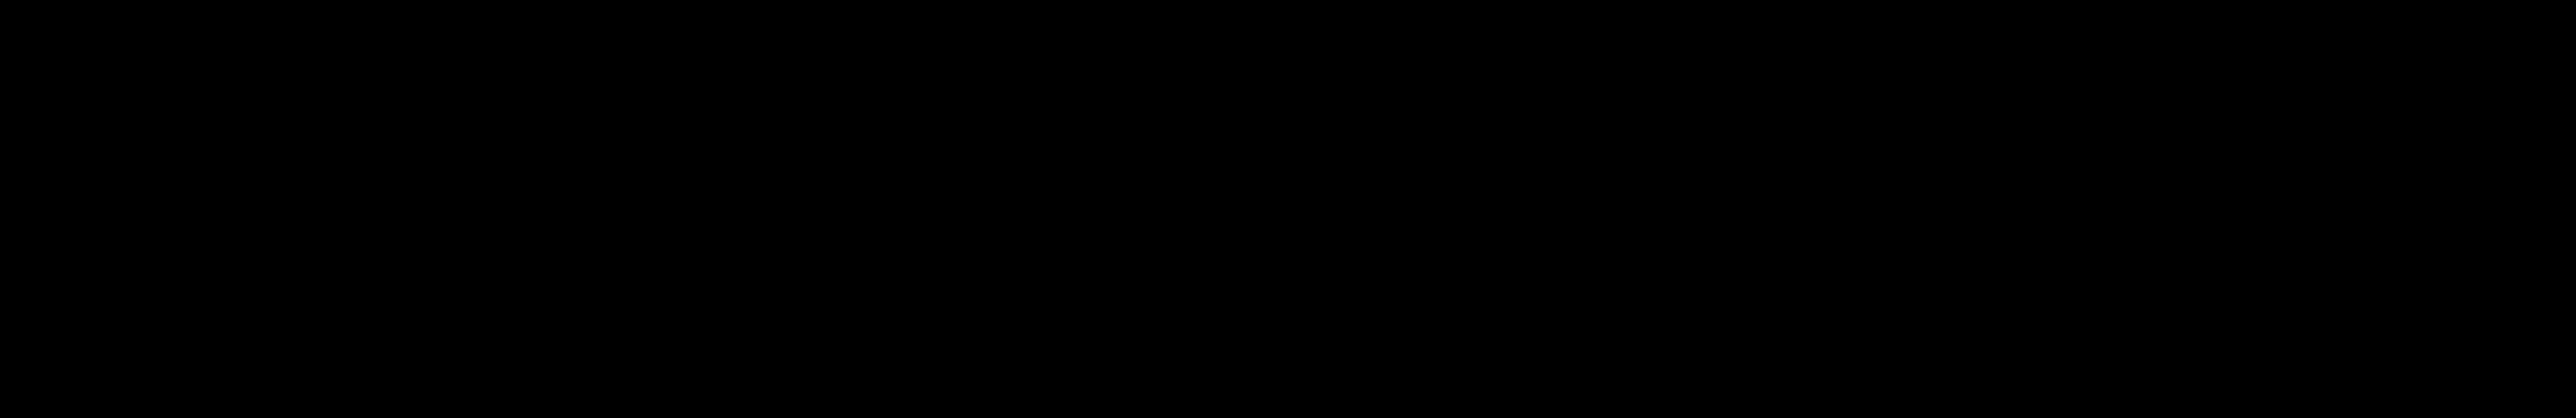 Herald_Sun_logo_logotype